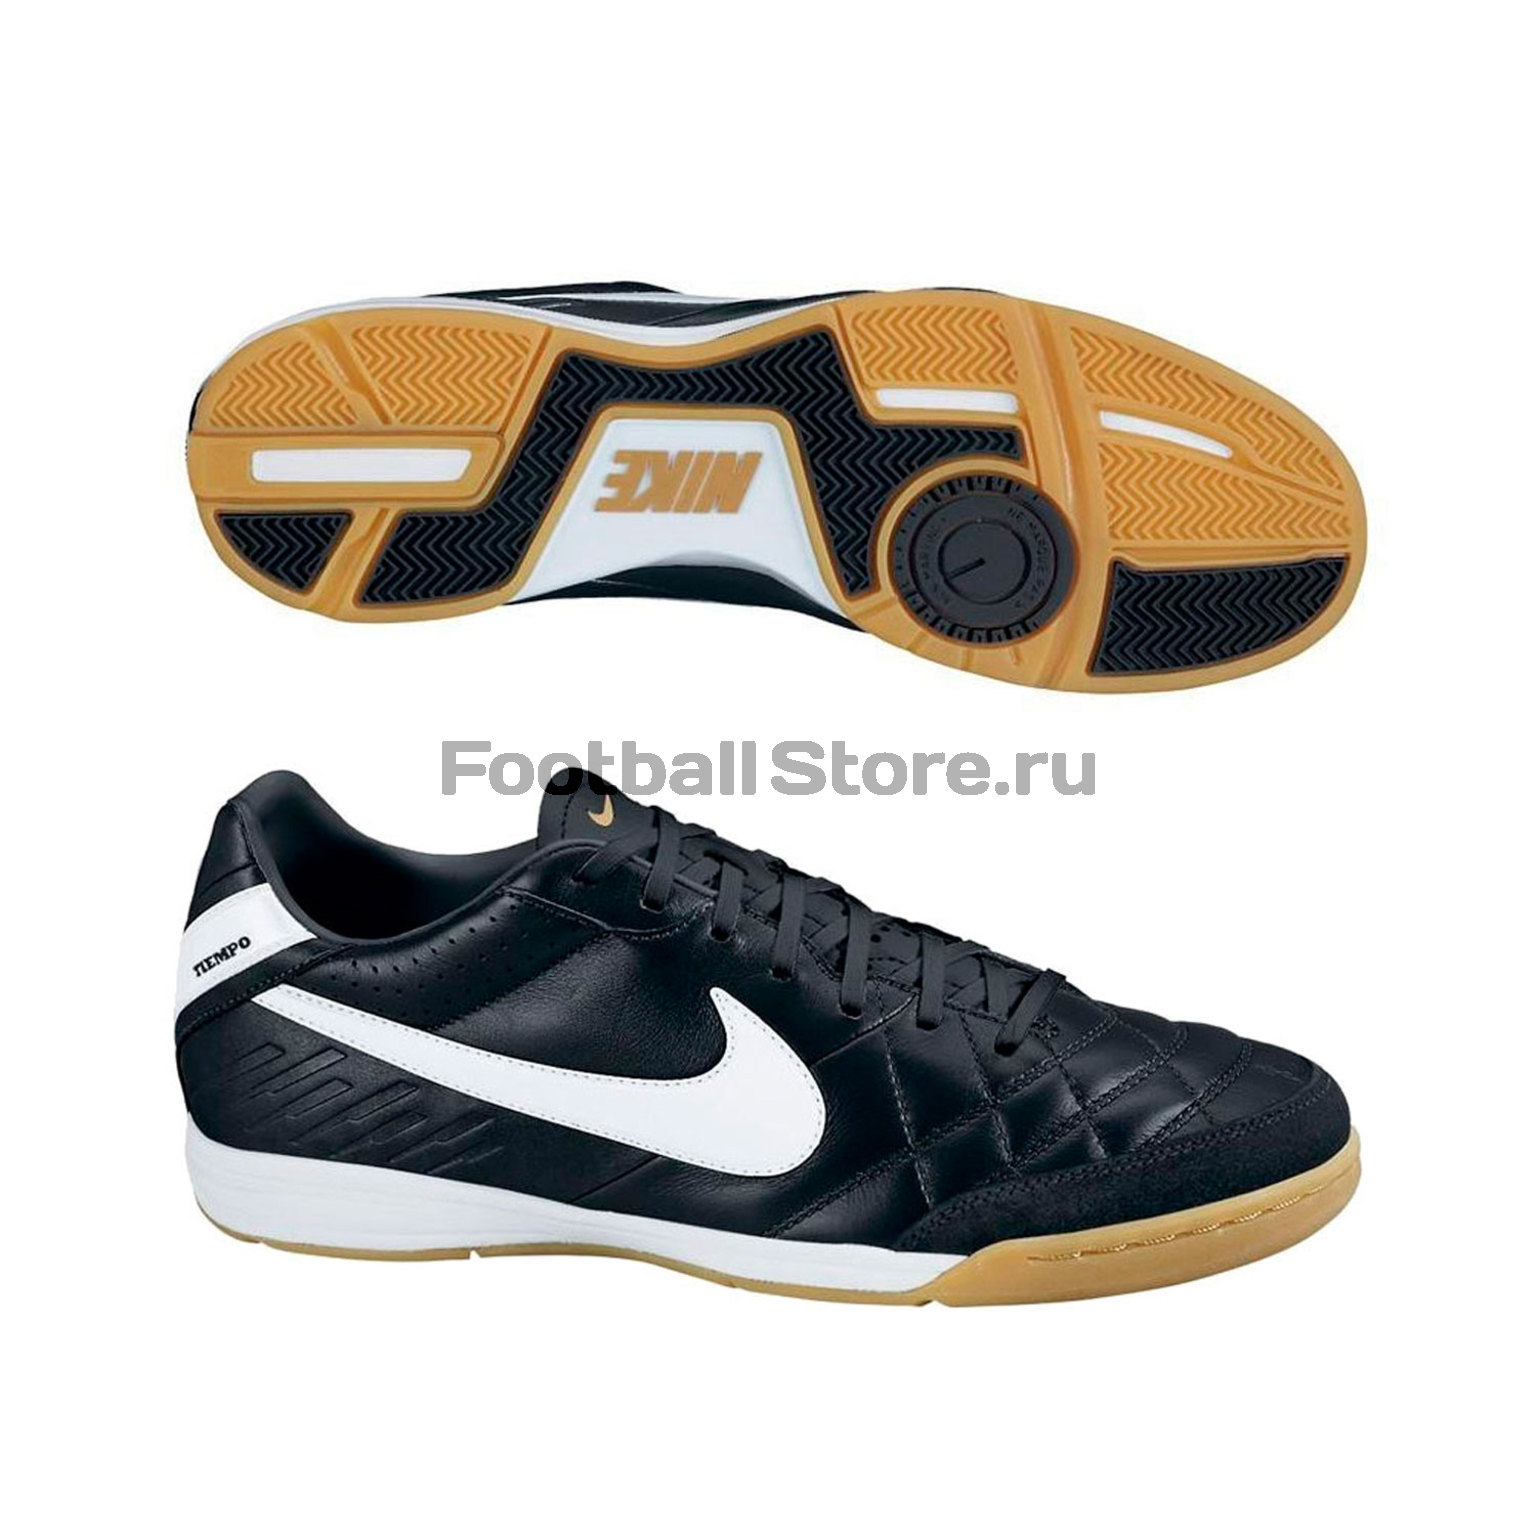 Обувь для зала Nike Обувь для зала Nike Tiempo Mystic IV IC 454333-012